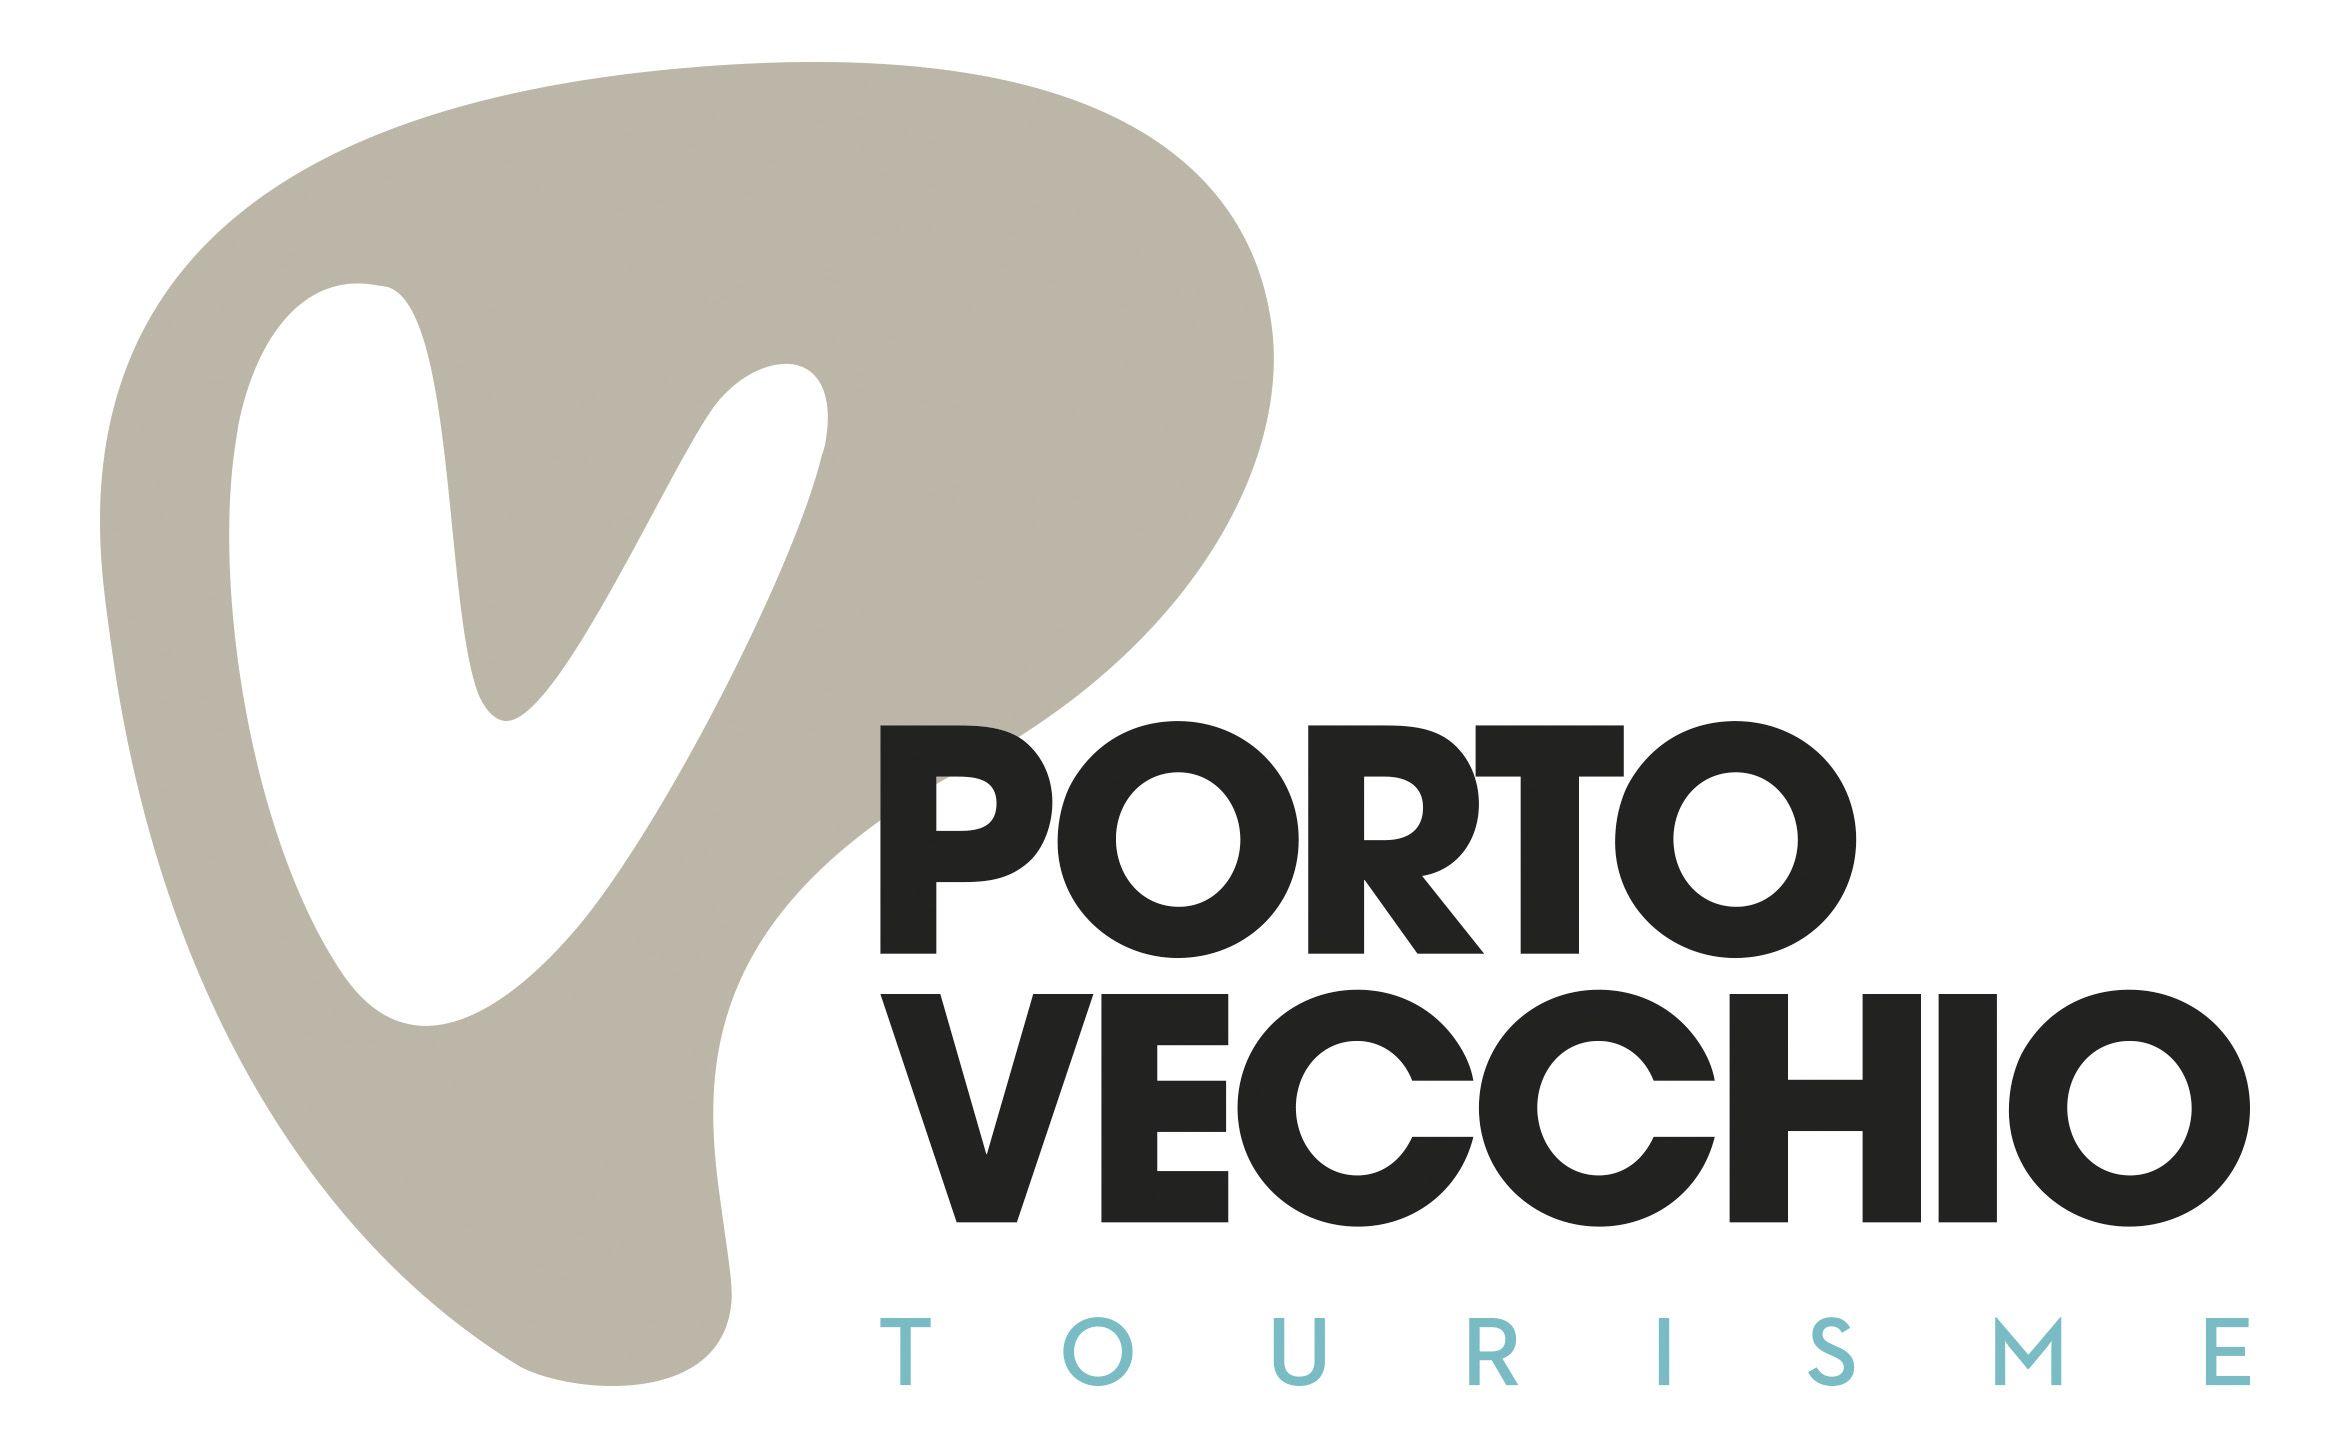 Le logo de l 39 office de tourisme de portovecchio corse la vie l 39 office pinterest logo - Office de tourisme porto corse ...